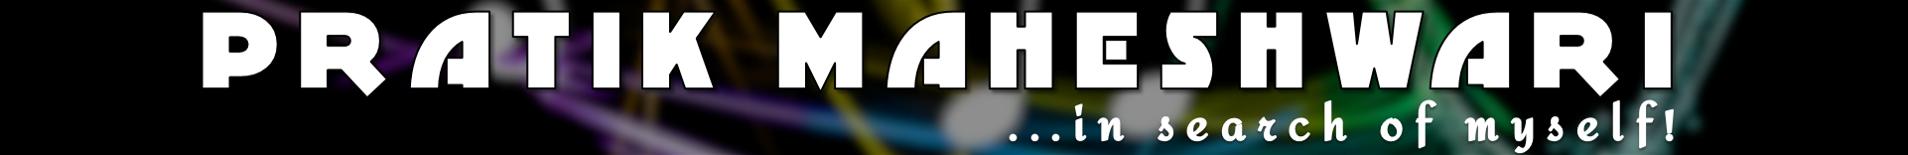 PM Website Header 1